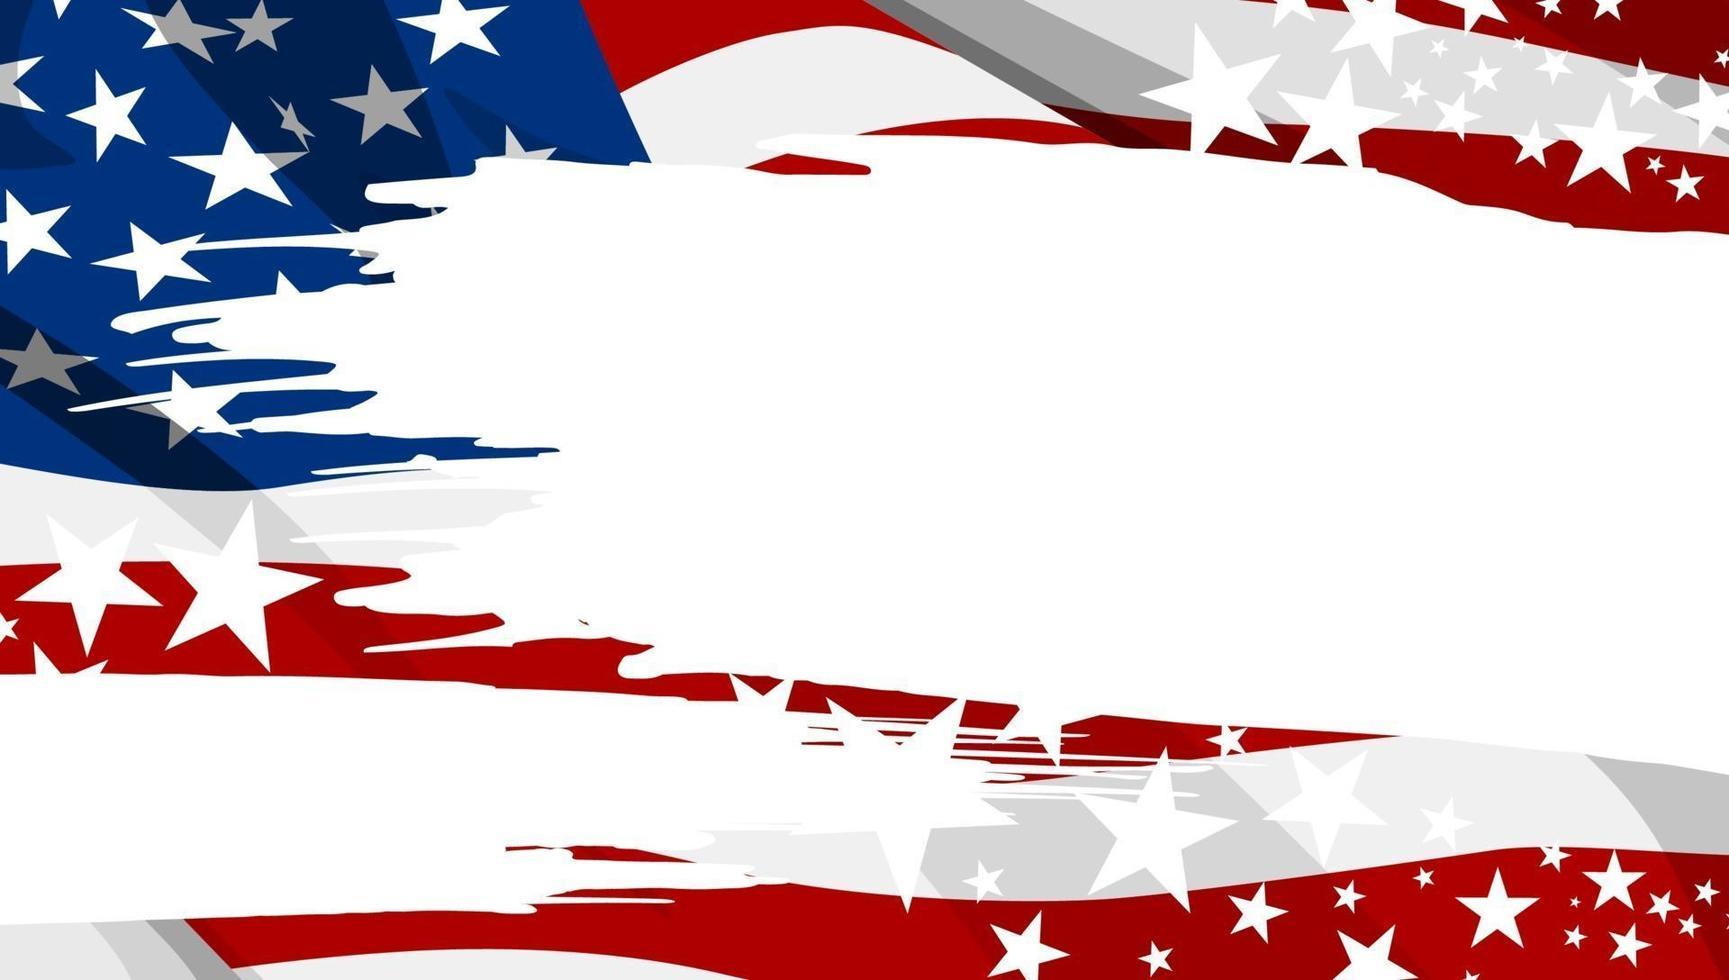 résumé, usa, drapeau, pinceau, bannière, fond, vecteur, illustration vecteur